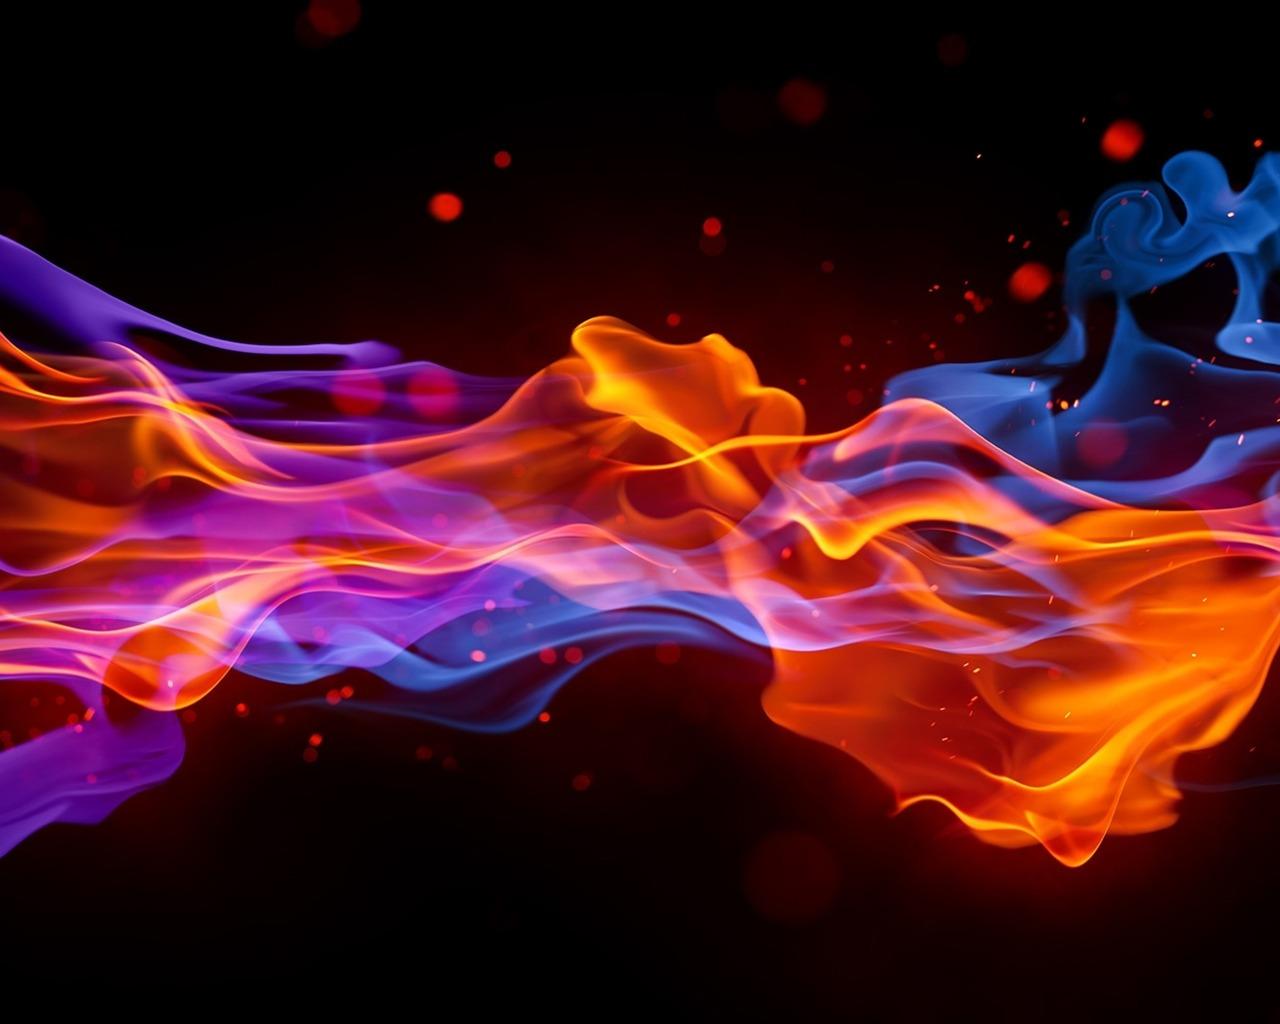 描述: 感烟火灾-抽象设计桌面壁纸 当前壁纸尺寸: 1280 x 1024图片